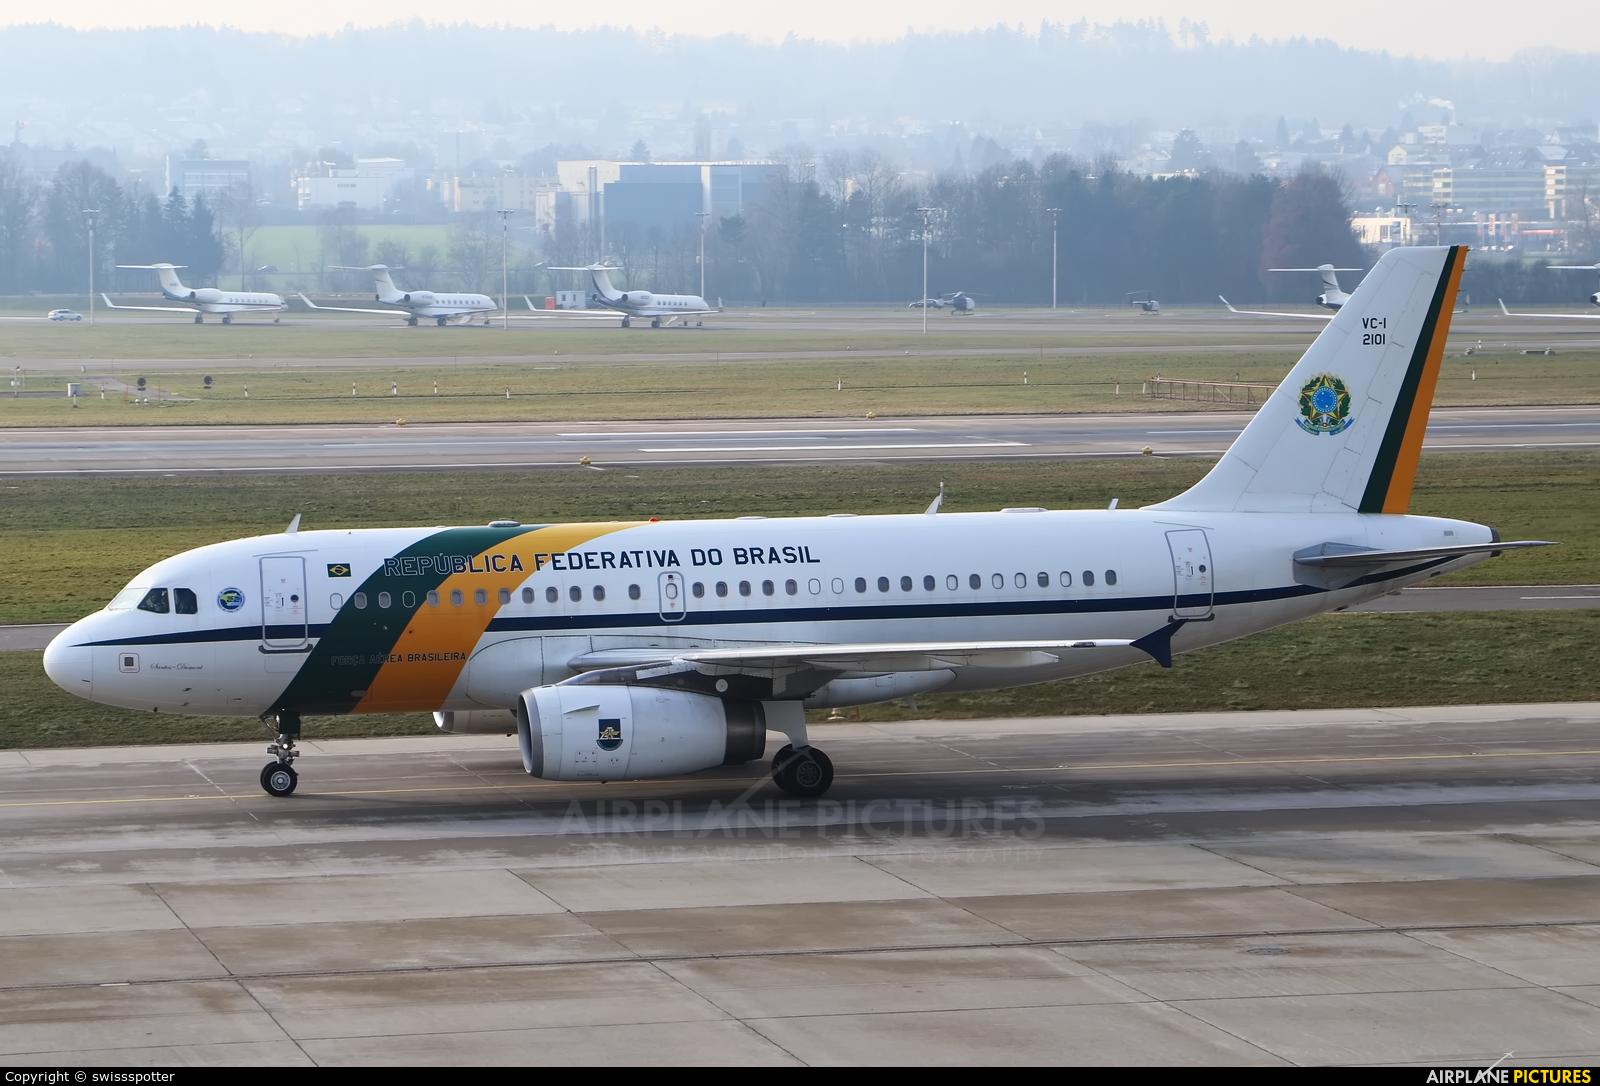 Brazil - Air Force 2101 aircraft at Zurich